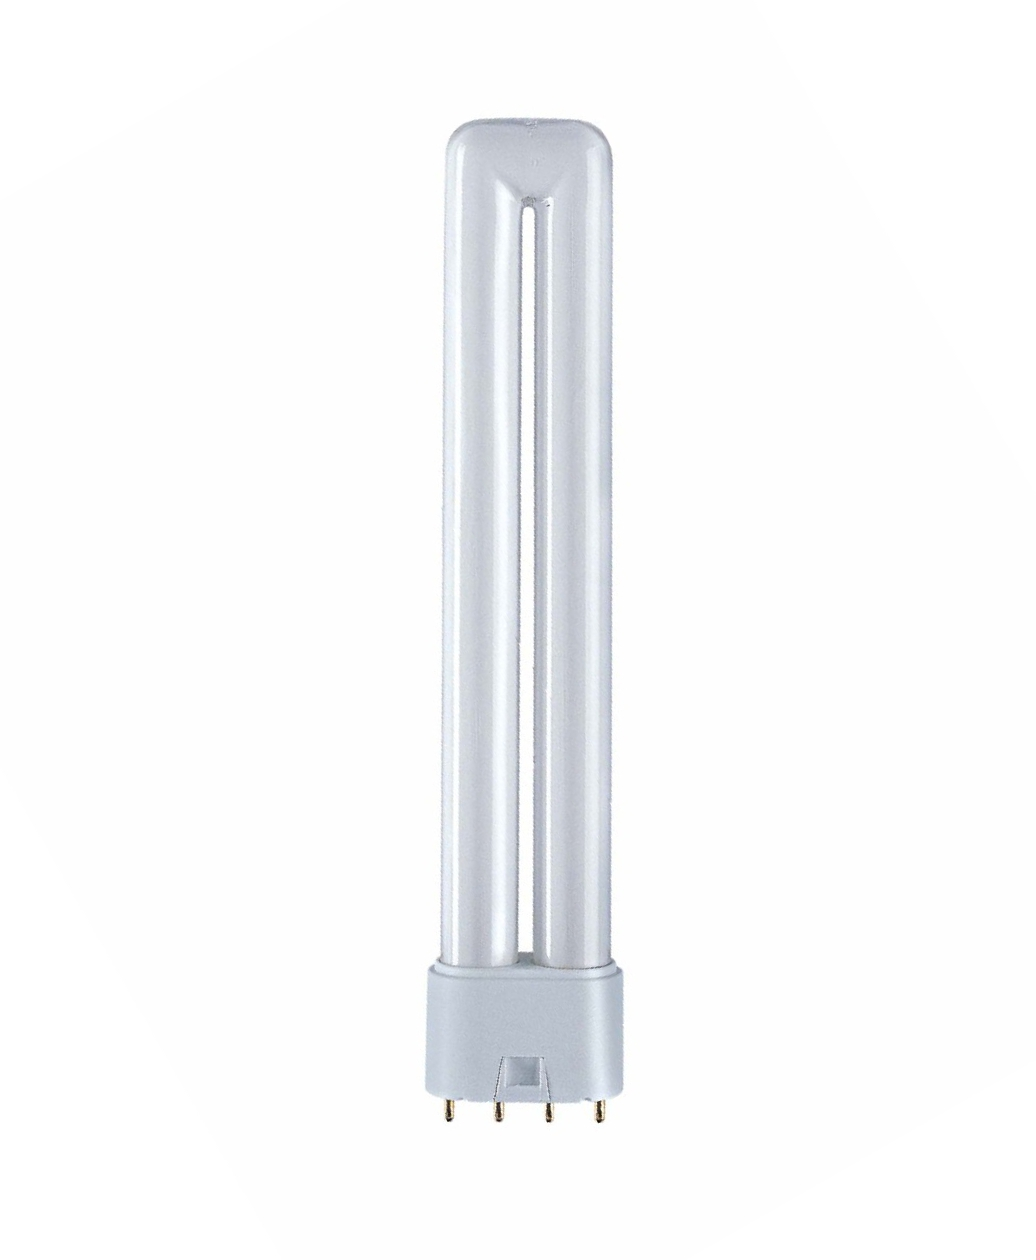 1 Stk TC-L 36W/830 2G11, Warmweiß, Kompaktleuchtstofflampe LI62360008